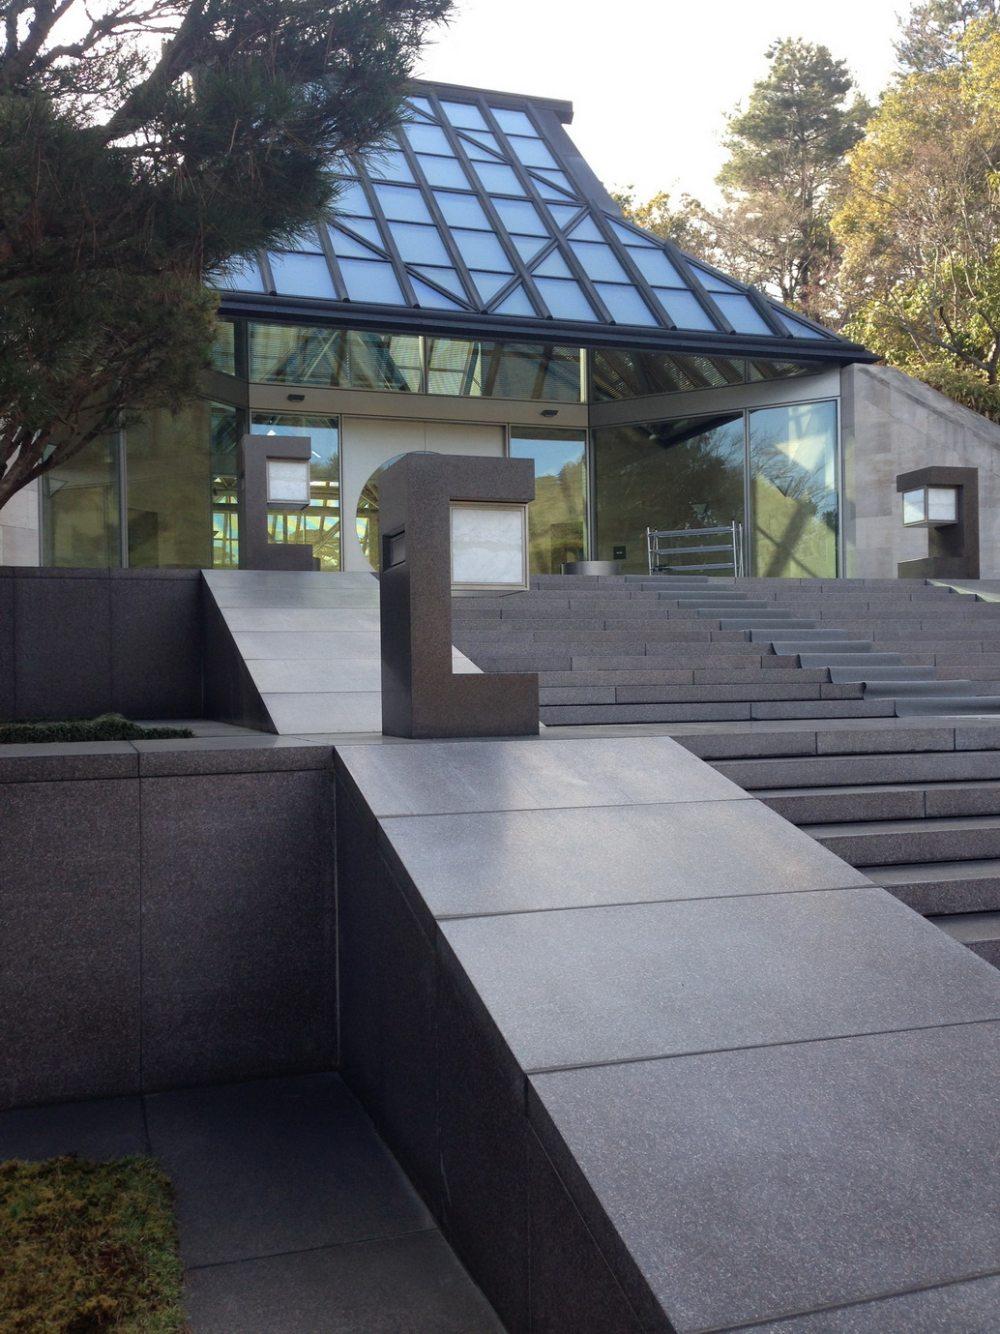 日本美秀美术馆MIHO MUSEUM自拍分享-贝聿铭_IMG_7184.JPG